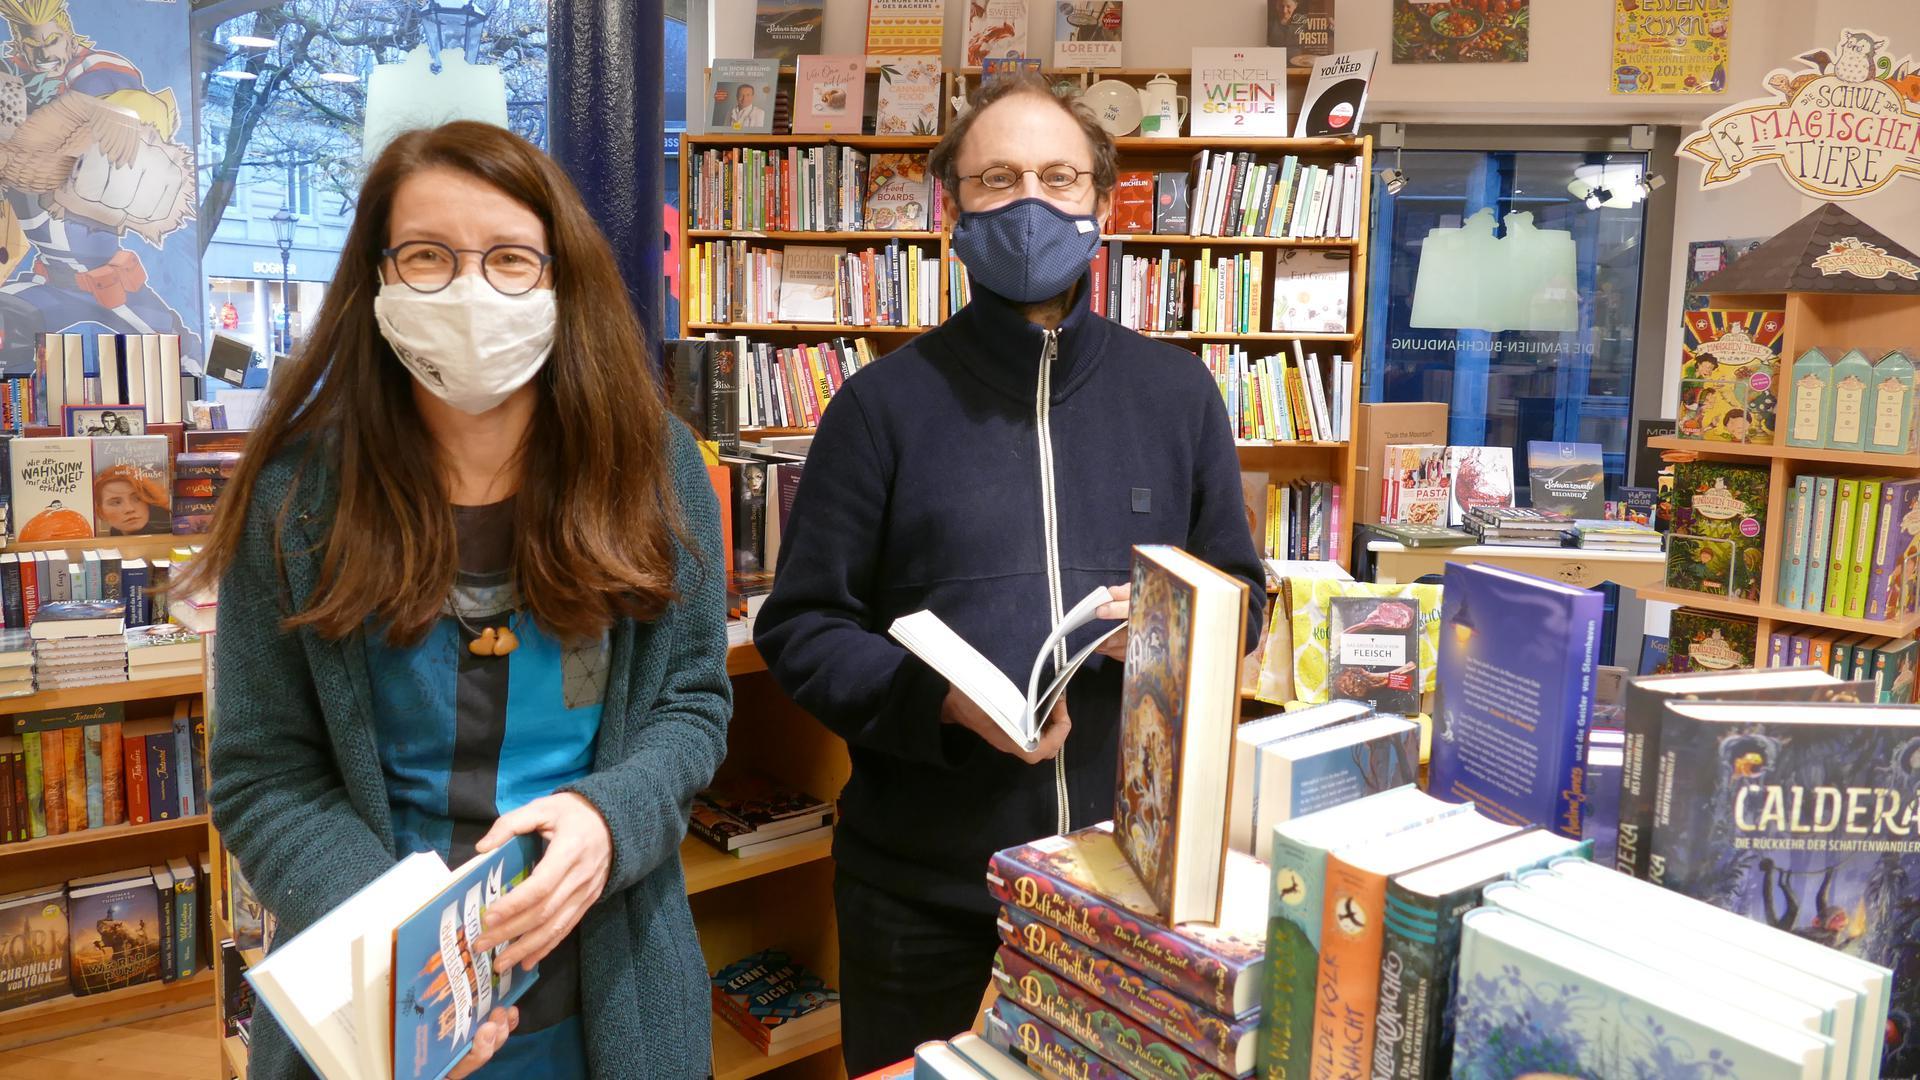 Die beiden Buchhändler Tanja Eger, Leiterin der Familienbuchhandlung Mäx+Moritz und Josua Straß, Inhaber der Buchhandlungen Straß und Mäx+Moritz, legen Wert auf individuelle Beratung.